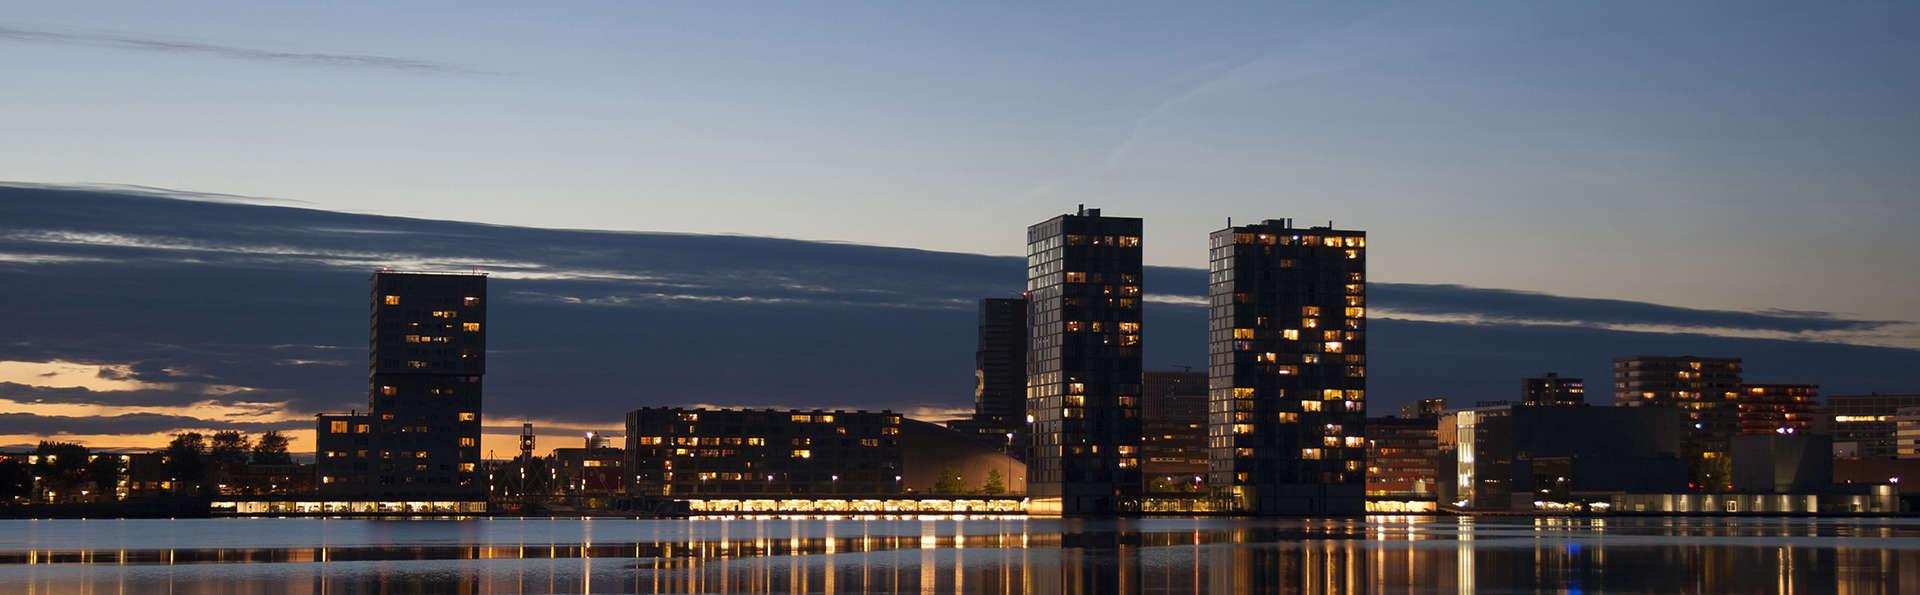 Comfortabel verblijf nabij Amsterdam in combinatie met Hop on Hop off Cruise